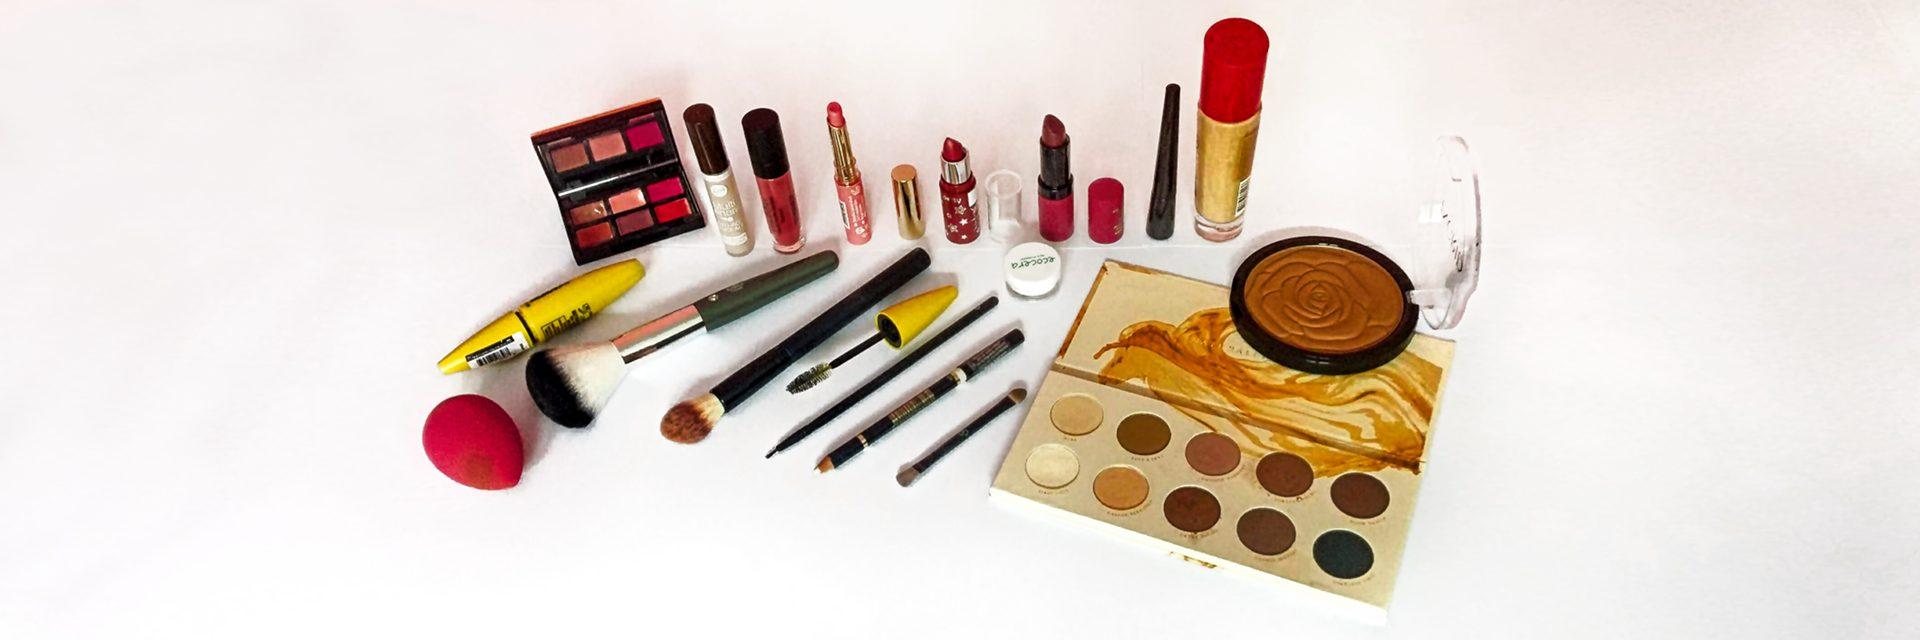 makijaż - pędzle, cienie, pomadki i inne